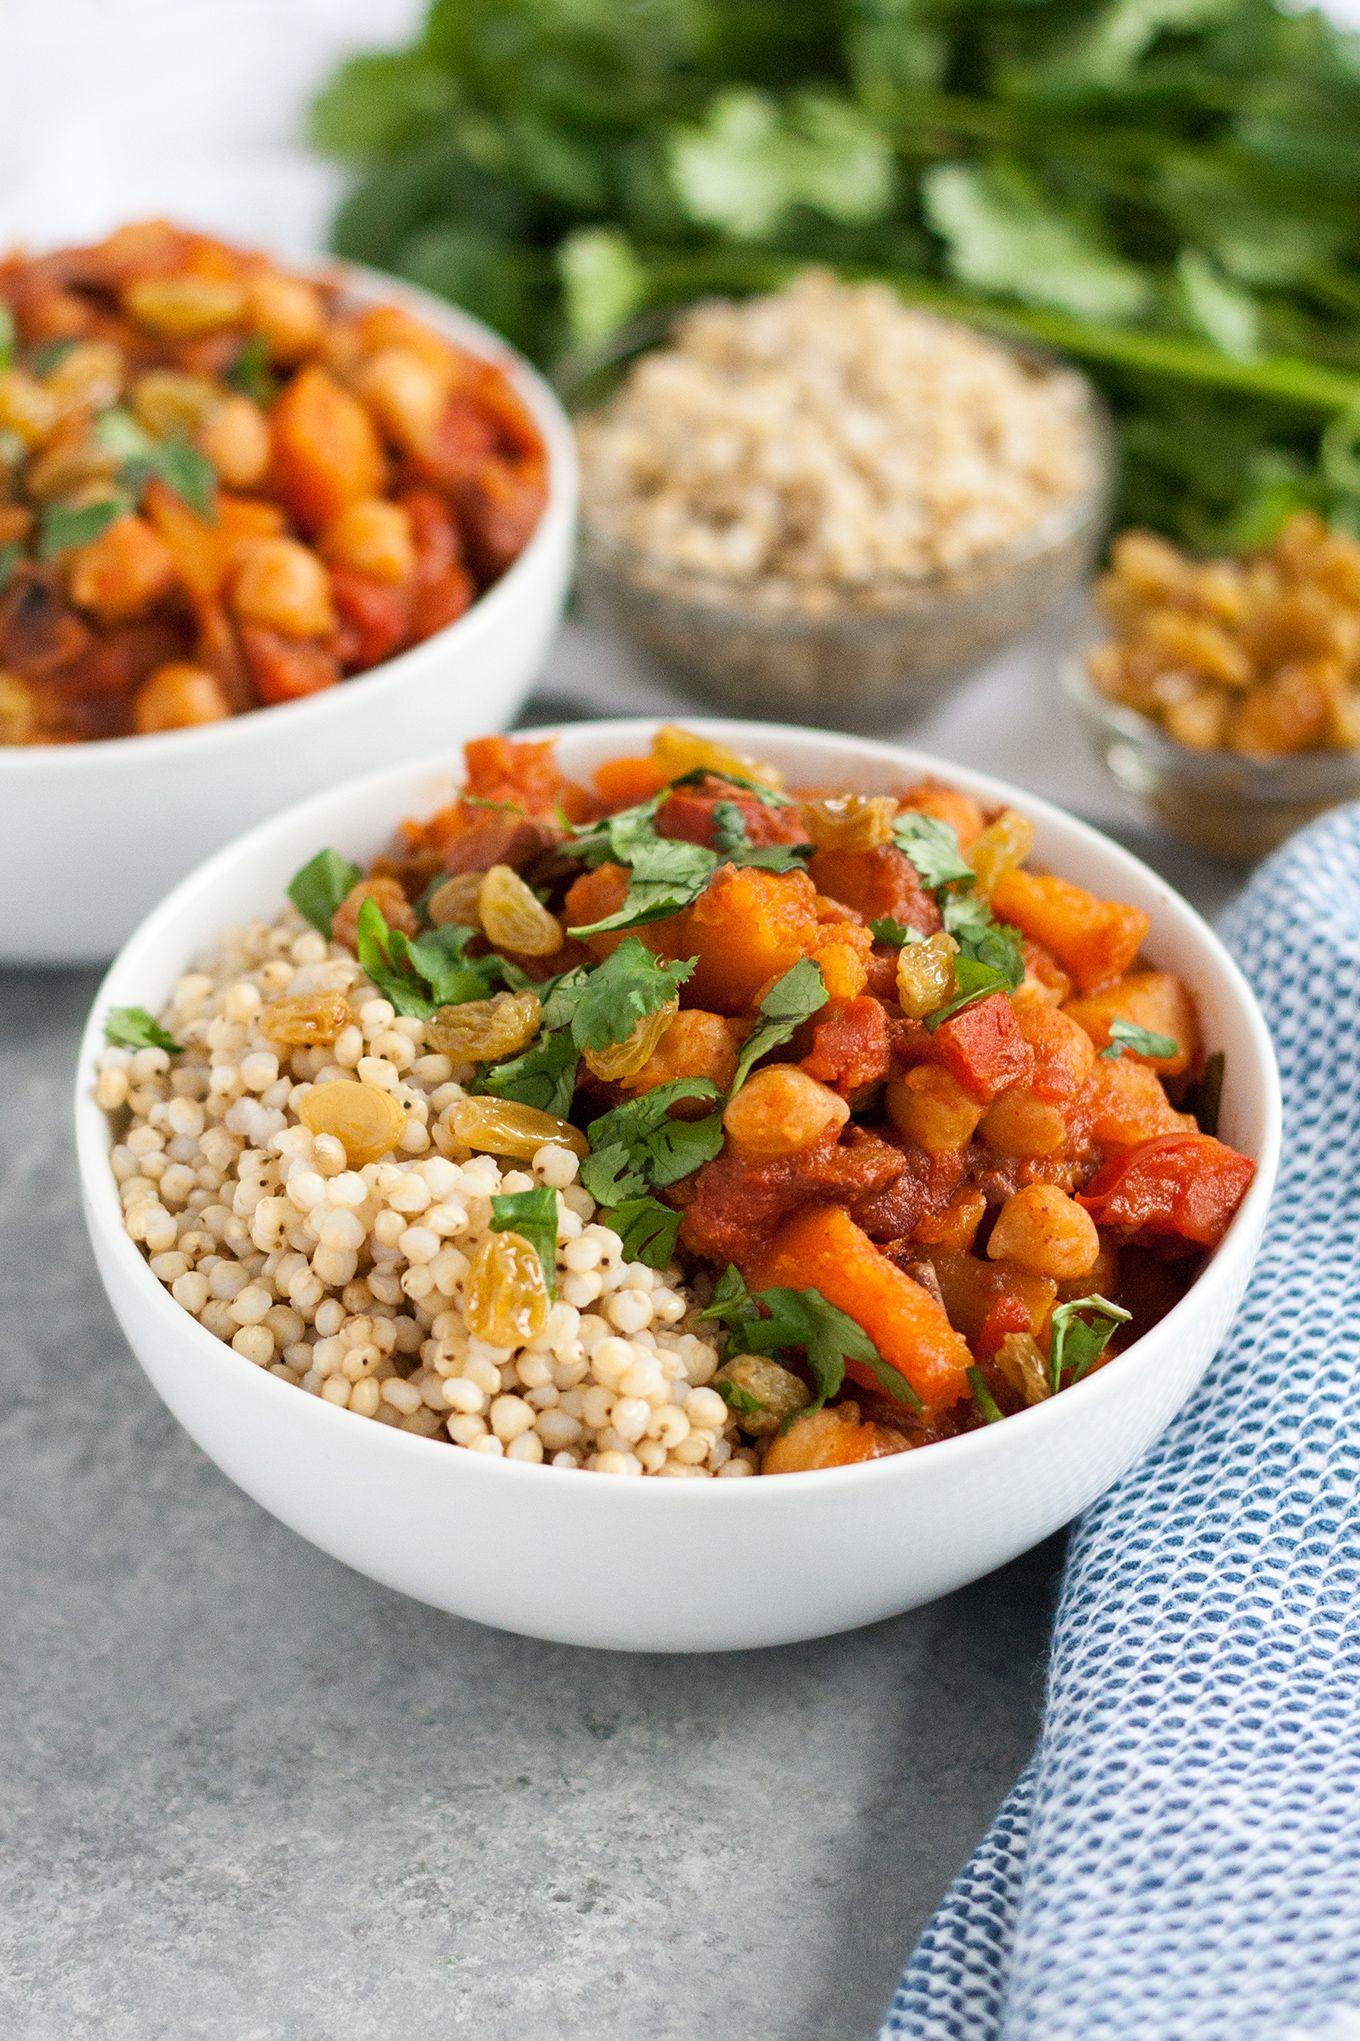 Moroccan Winter Squash And Chickpea Tagine Instant Pot Gluten Free Recipe Well Vegan Recipe Tagine Vegetarian Recipes Easy Vegetarian Recipes